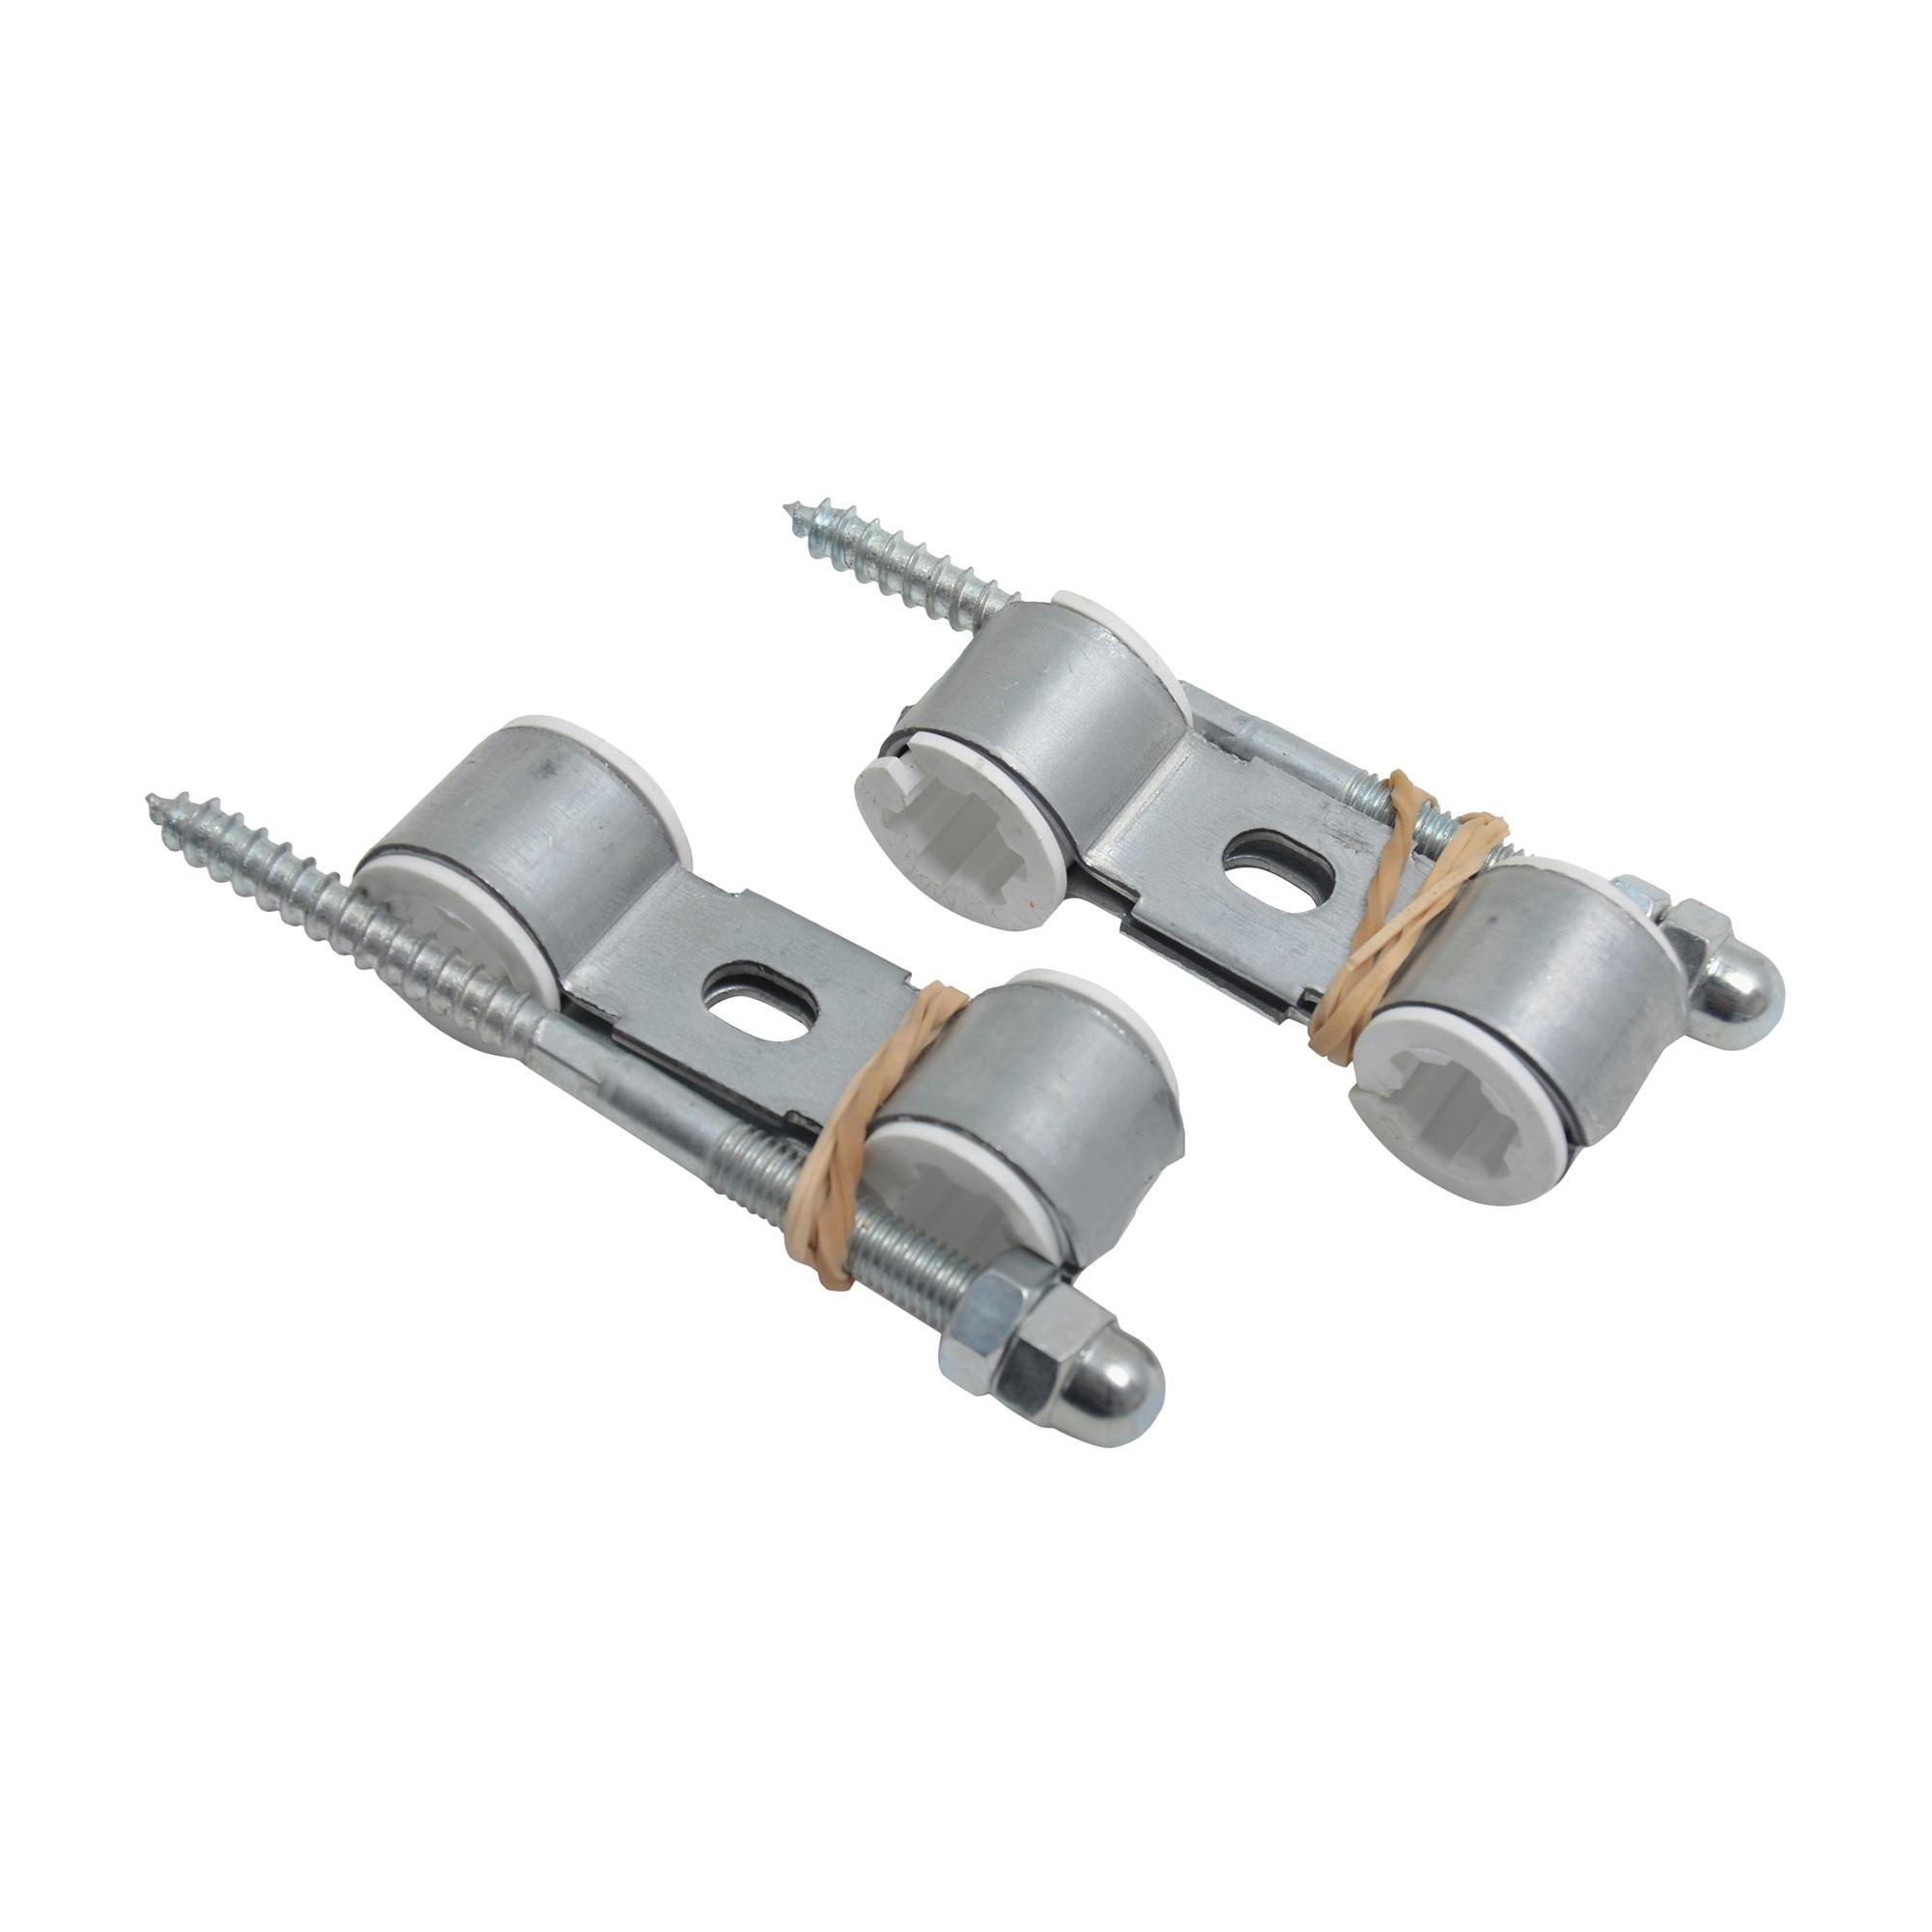 GAMMA CV buis T-beugel met inleg Ø 15 mm 2 stuks